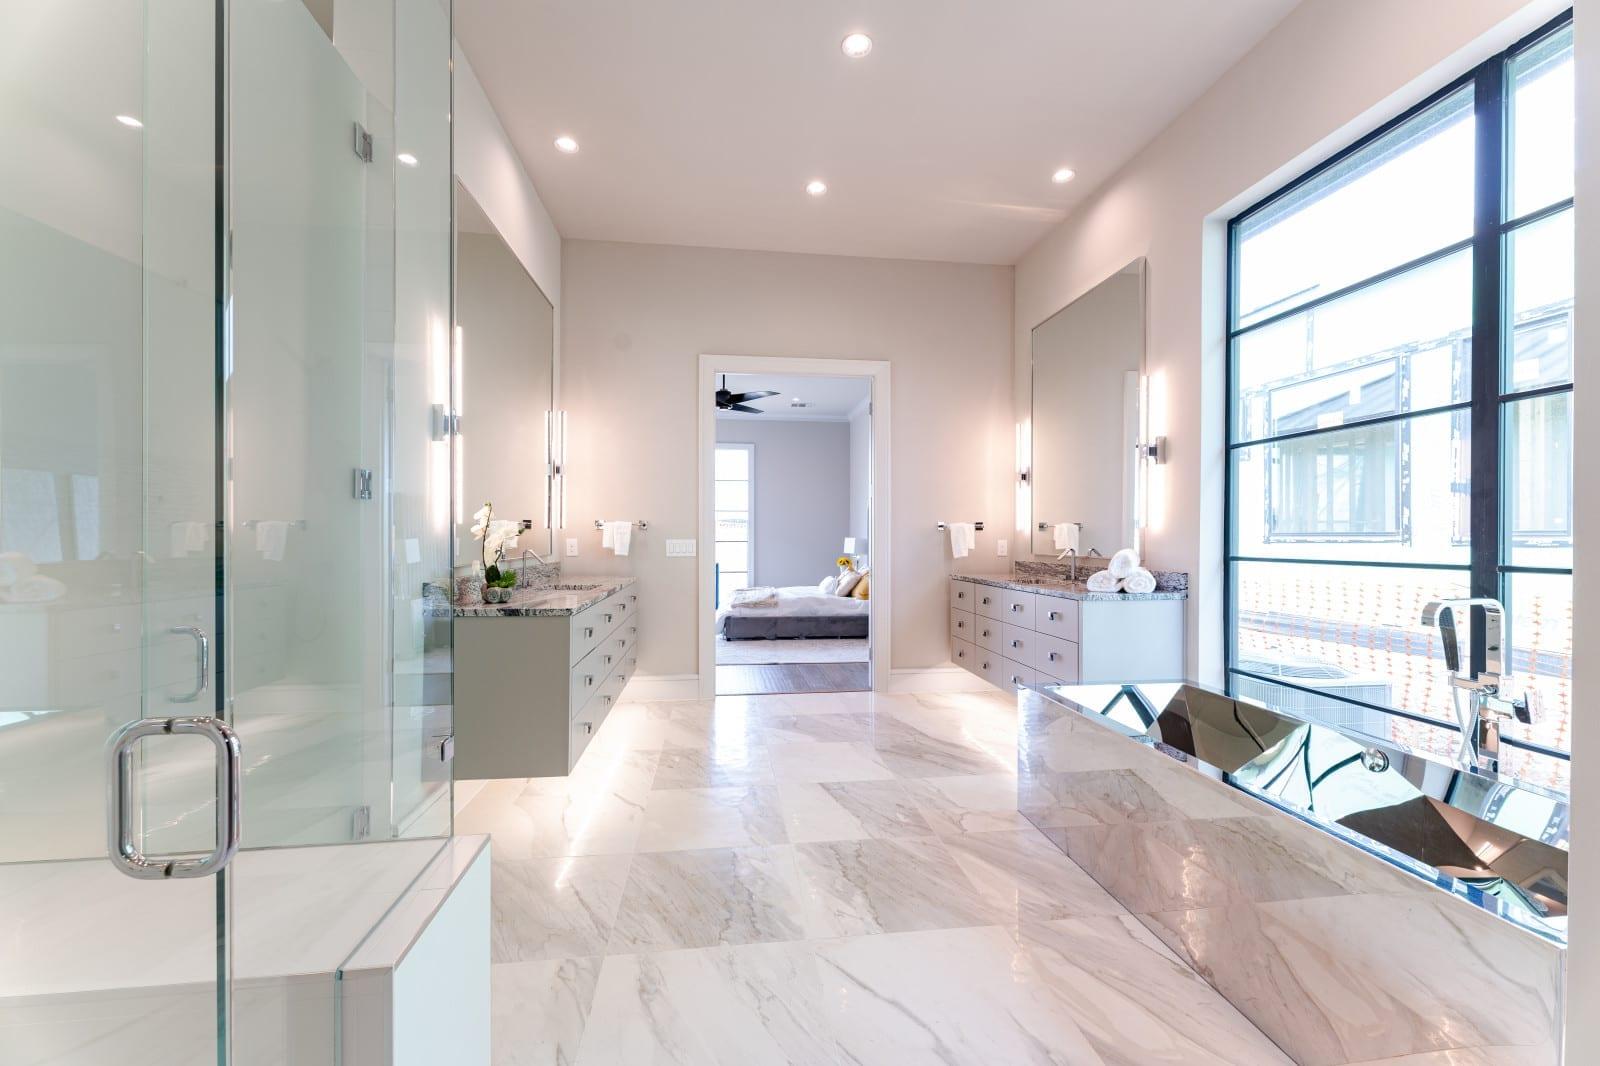 modern home design 23 - Millennial Design + Build